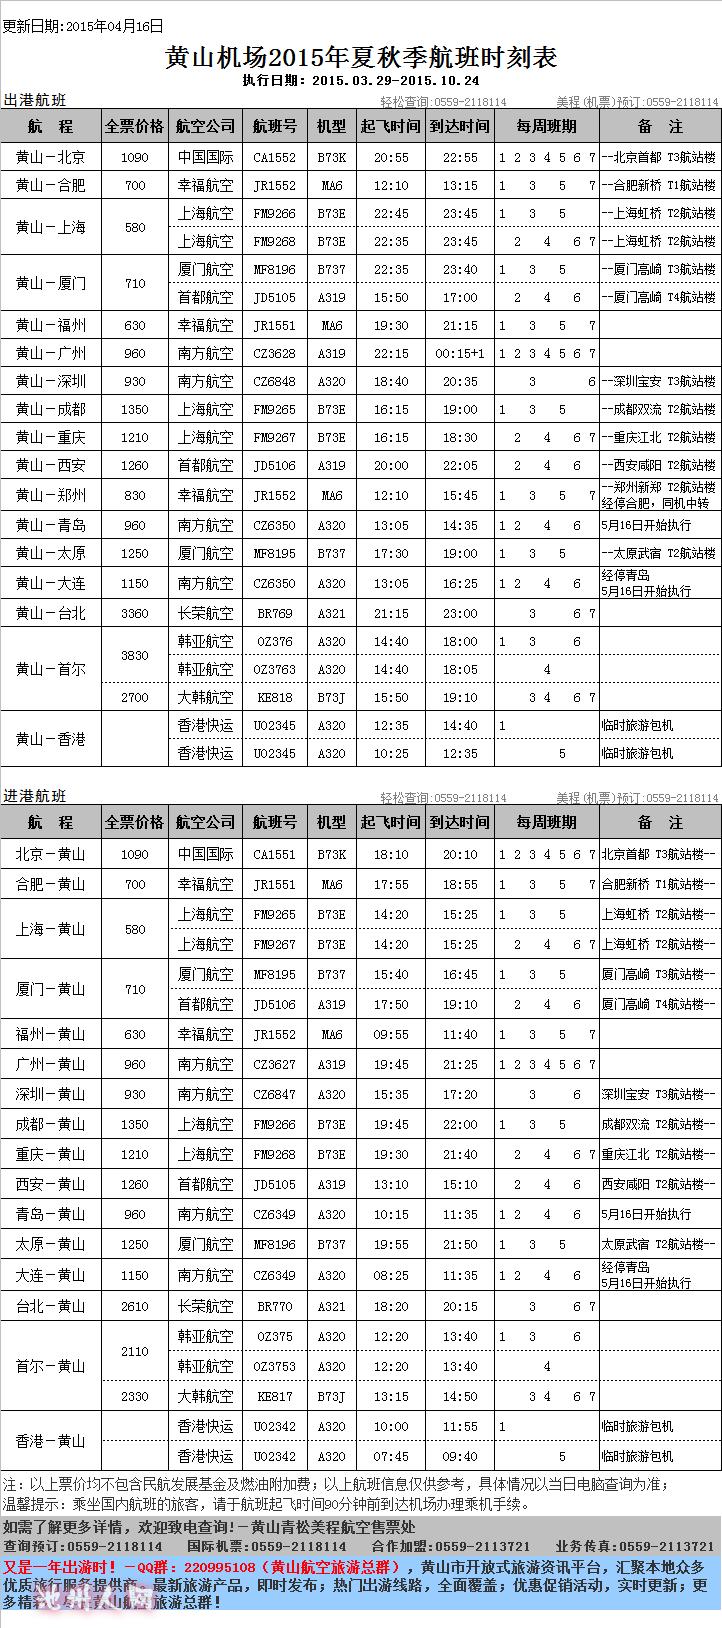 黄山机场2015年夏秋季航班时刻表(20150416更新)